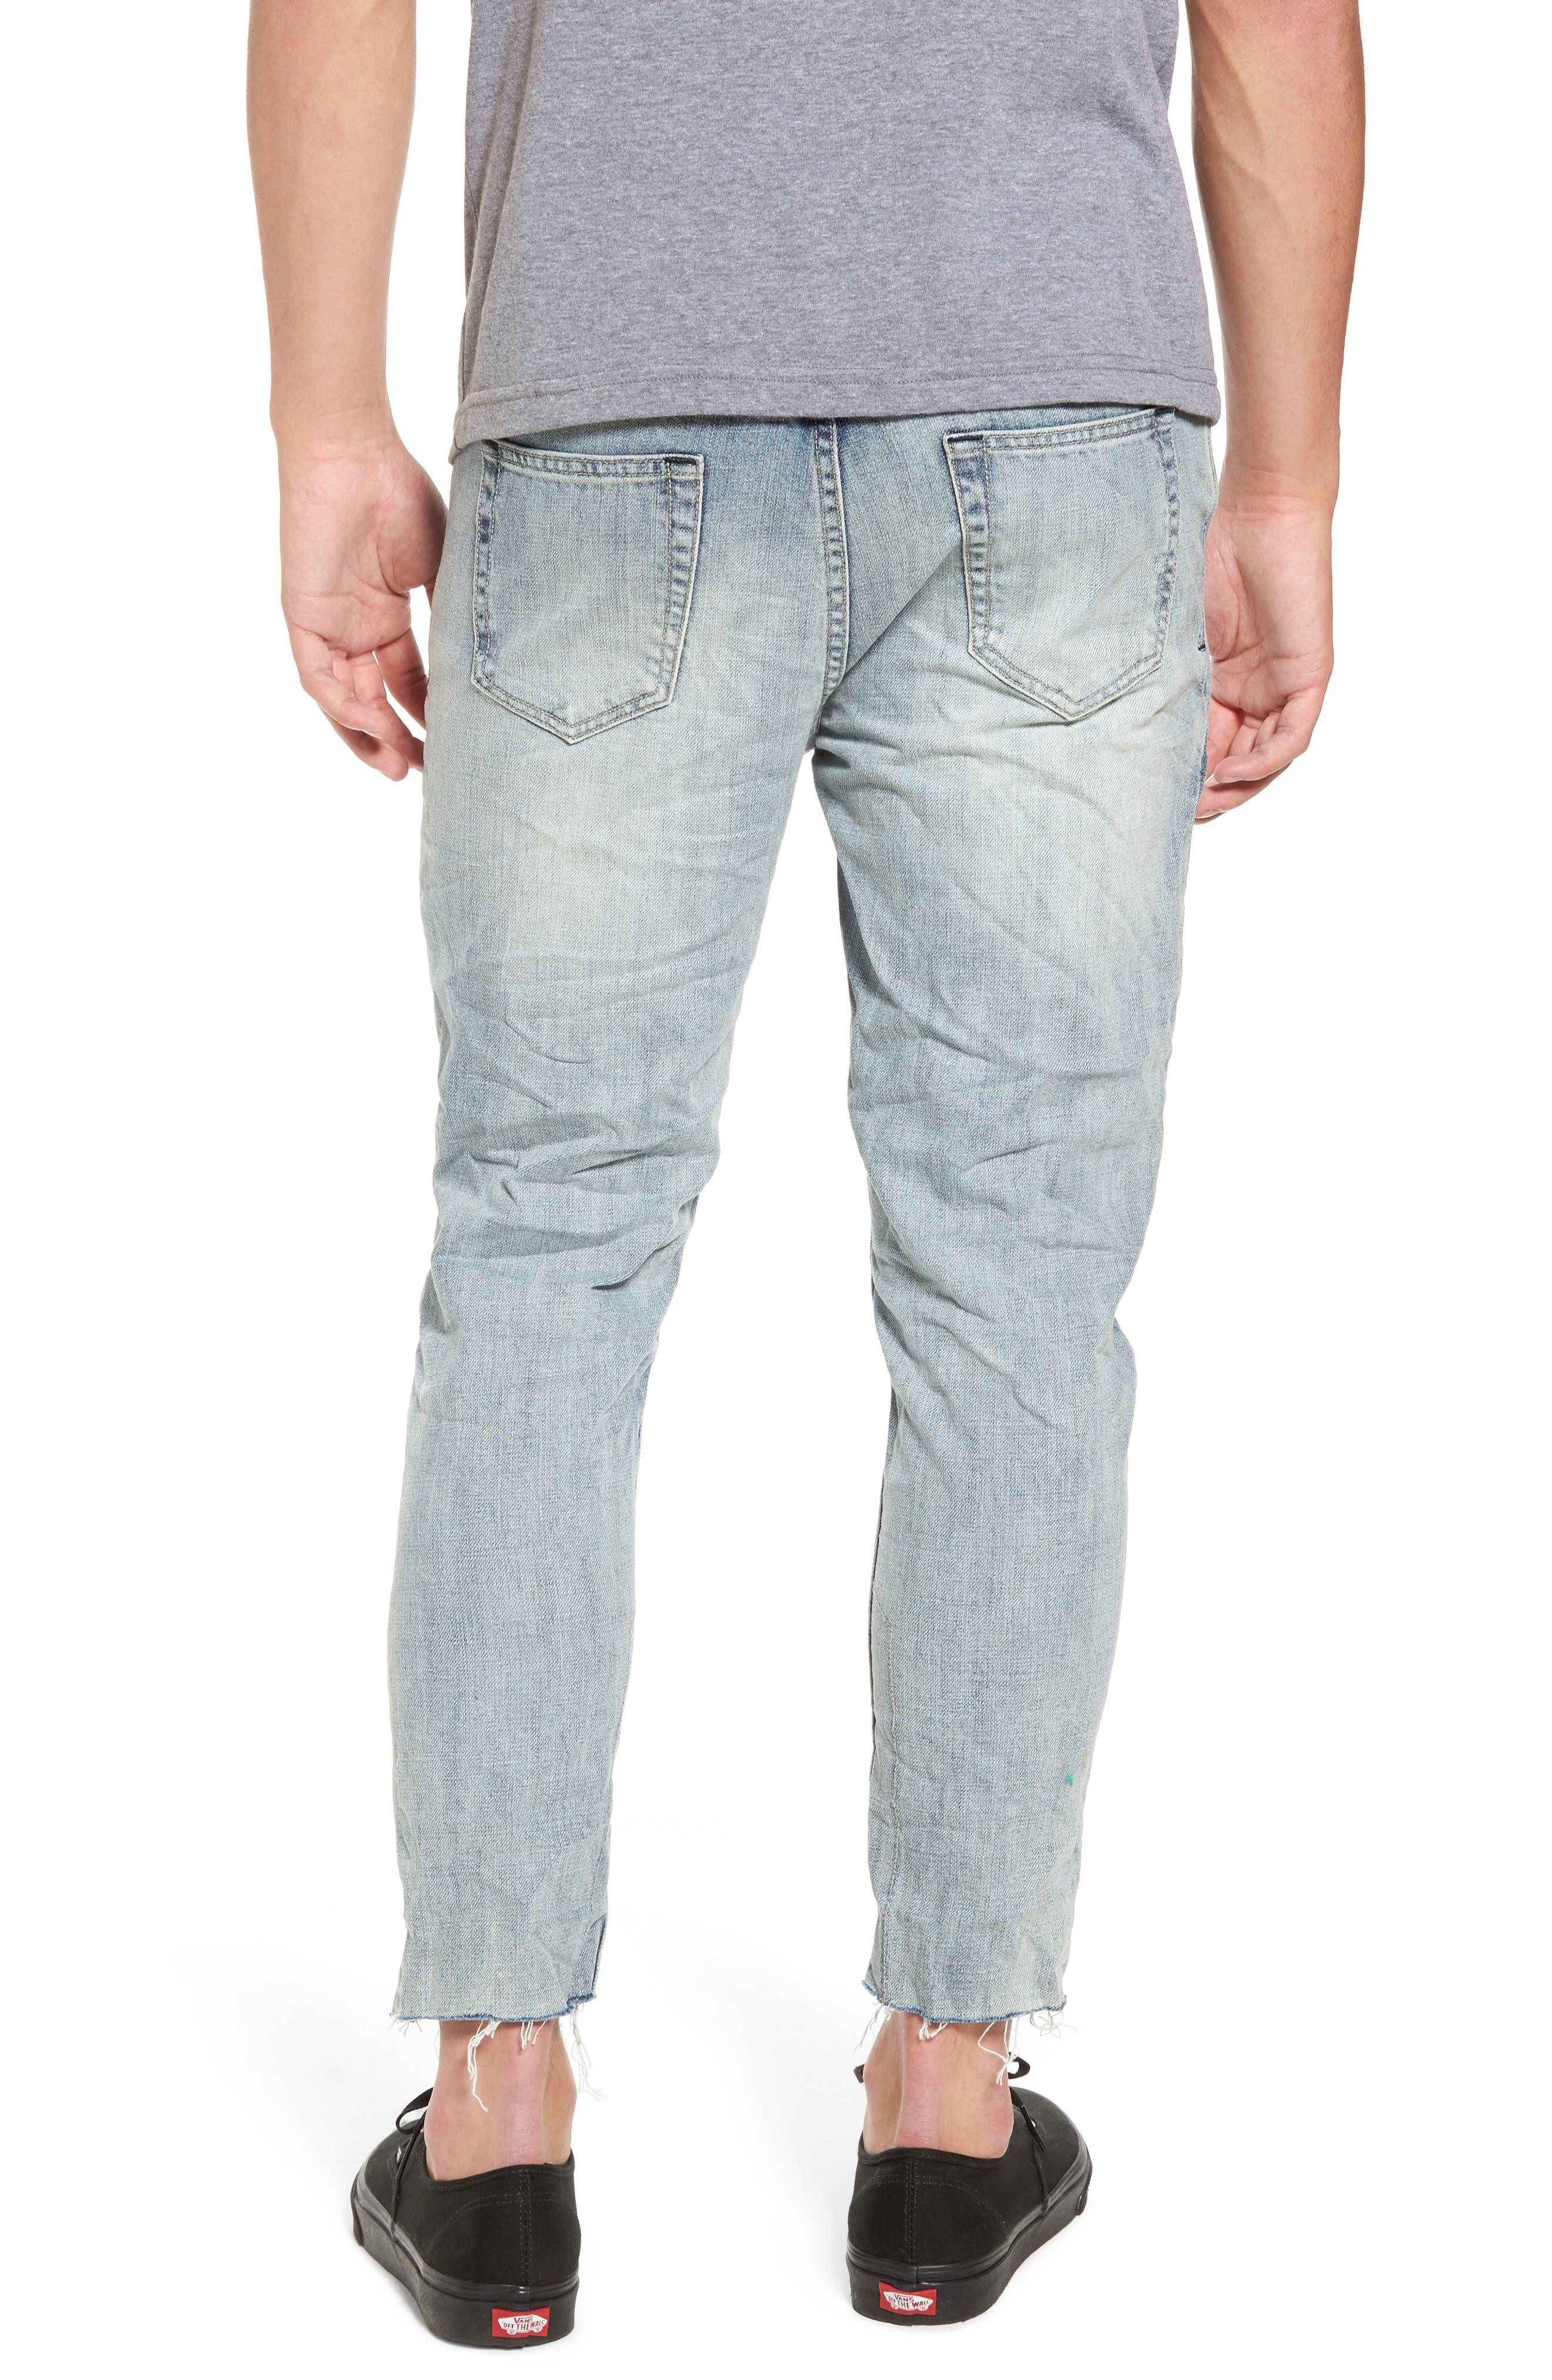 B.Line Crop Slim Fit Jeans,                             Alternate thumbnail 2, color,                             90S Stonewash